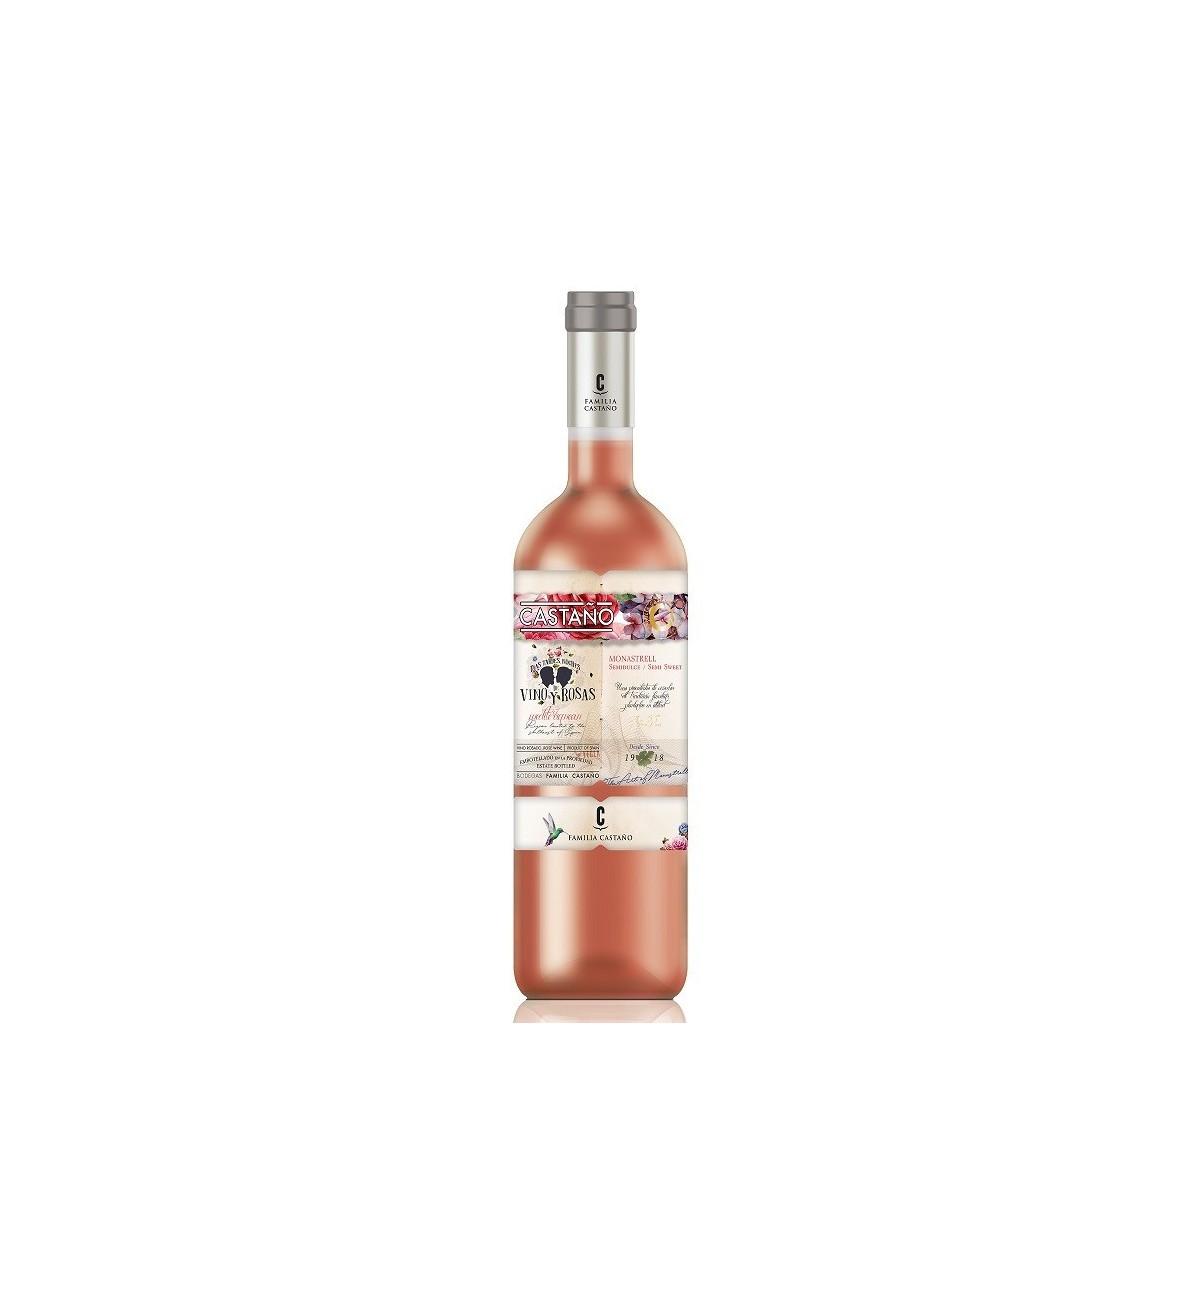 Castaño Rosado Semidulce 2017 * Días, tardes, noches de vino y rosas, Vino Rosé, Yecla, Monastrell